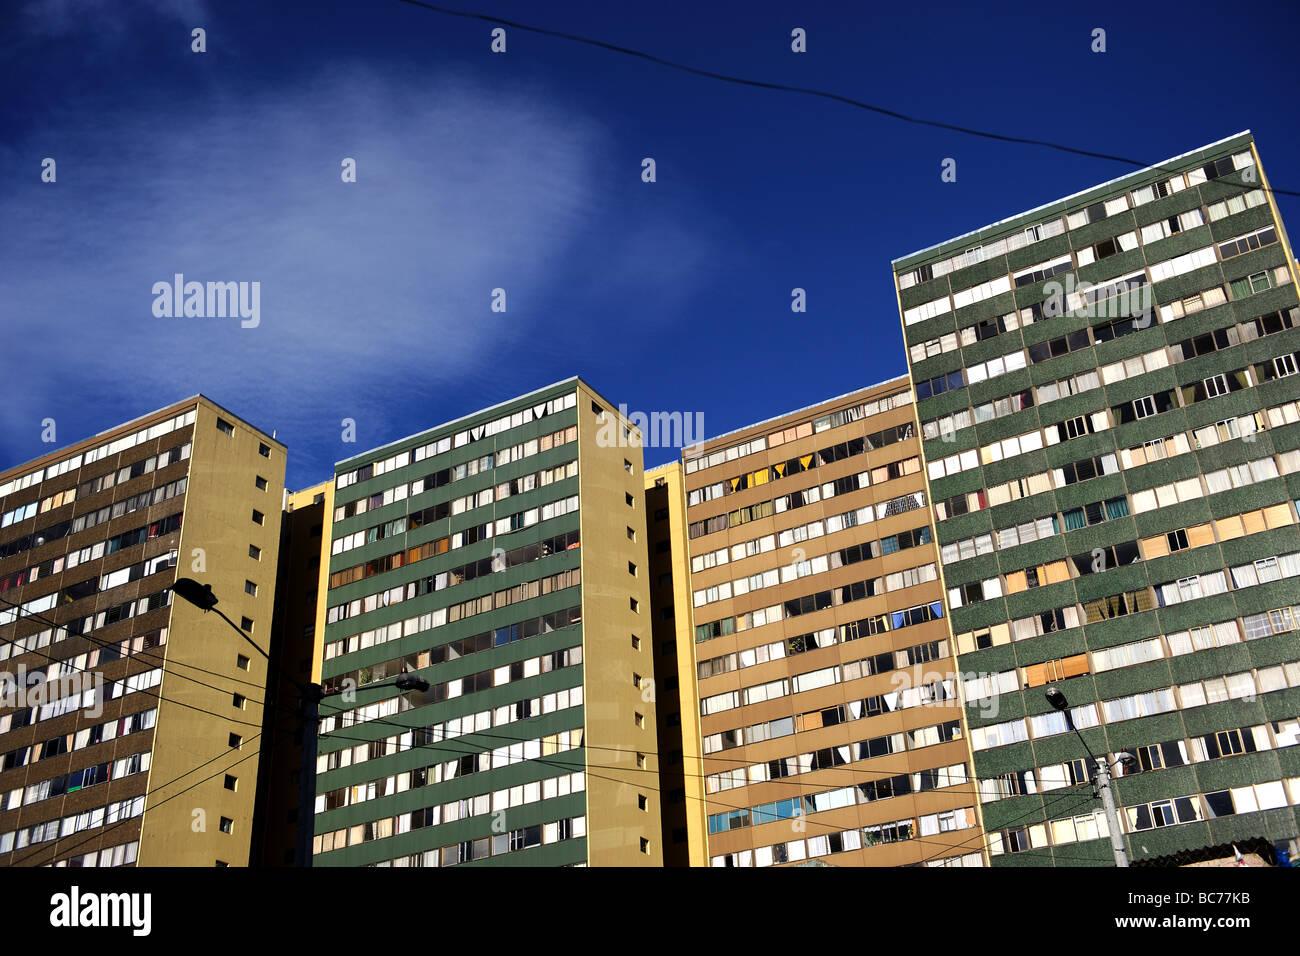 Grattacielo su La Candelaria quartiere di Bogotá Colombia Immagini Stock